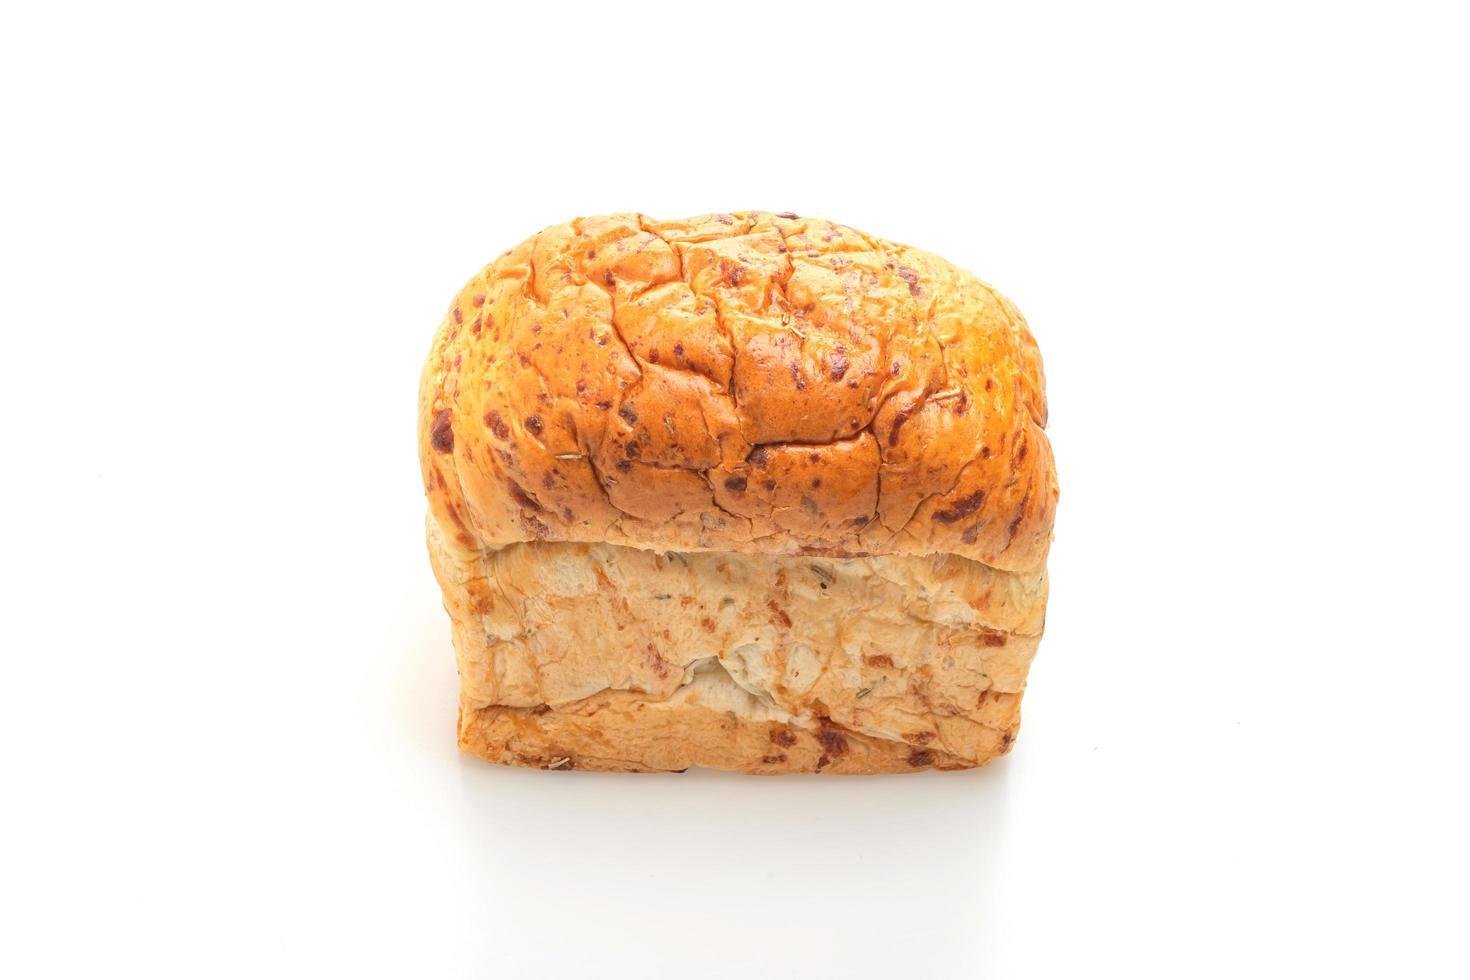 miche de pain isolé sur fond blanc photo